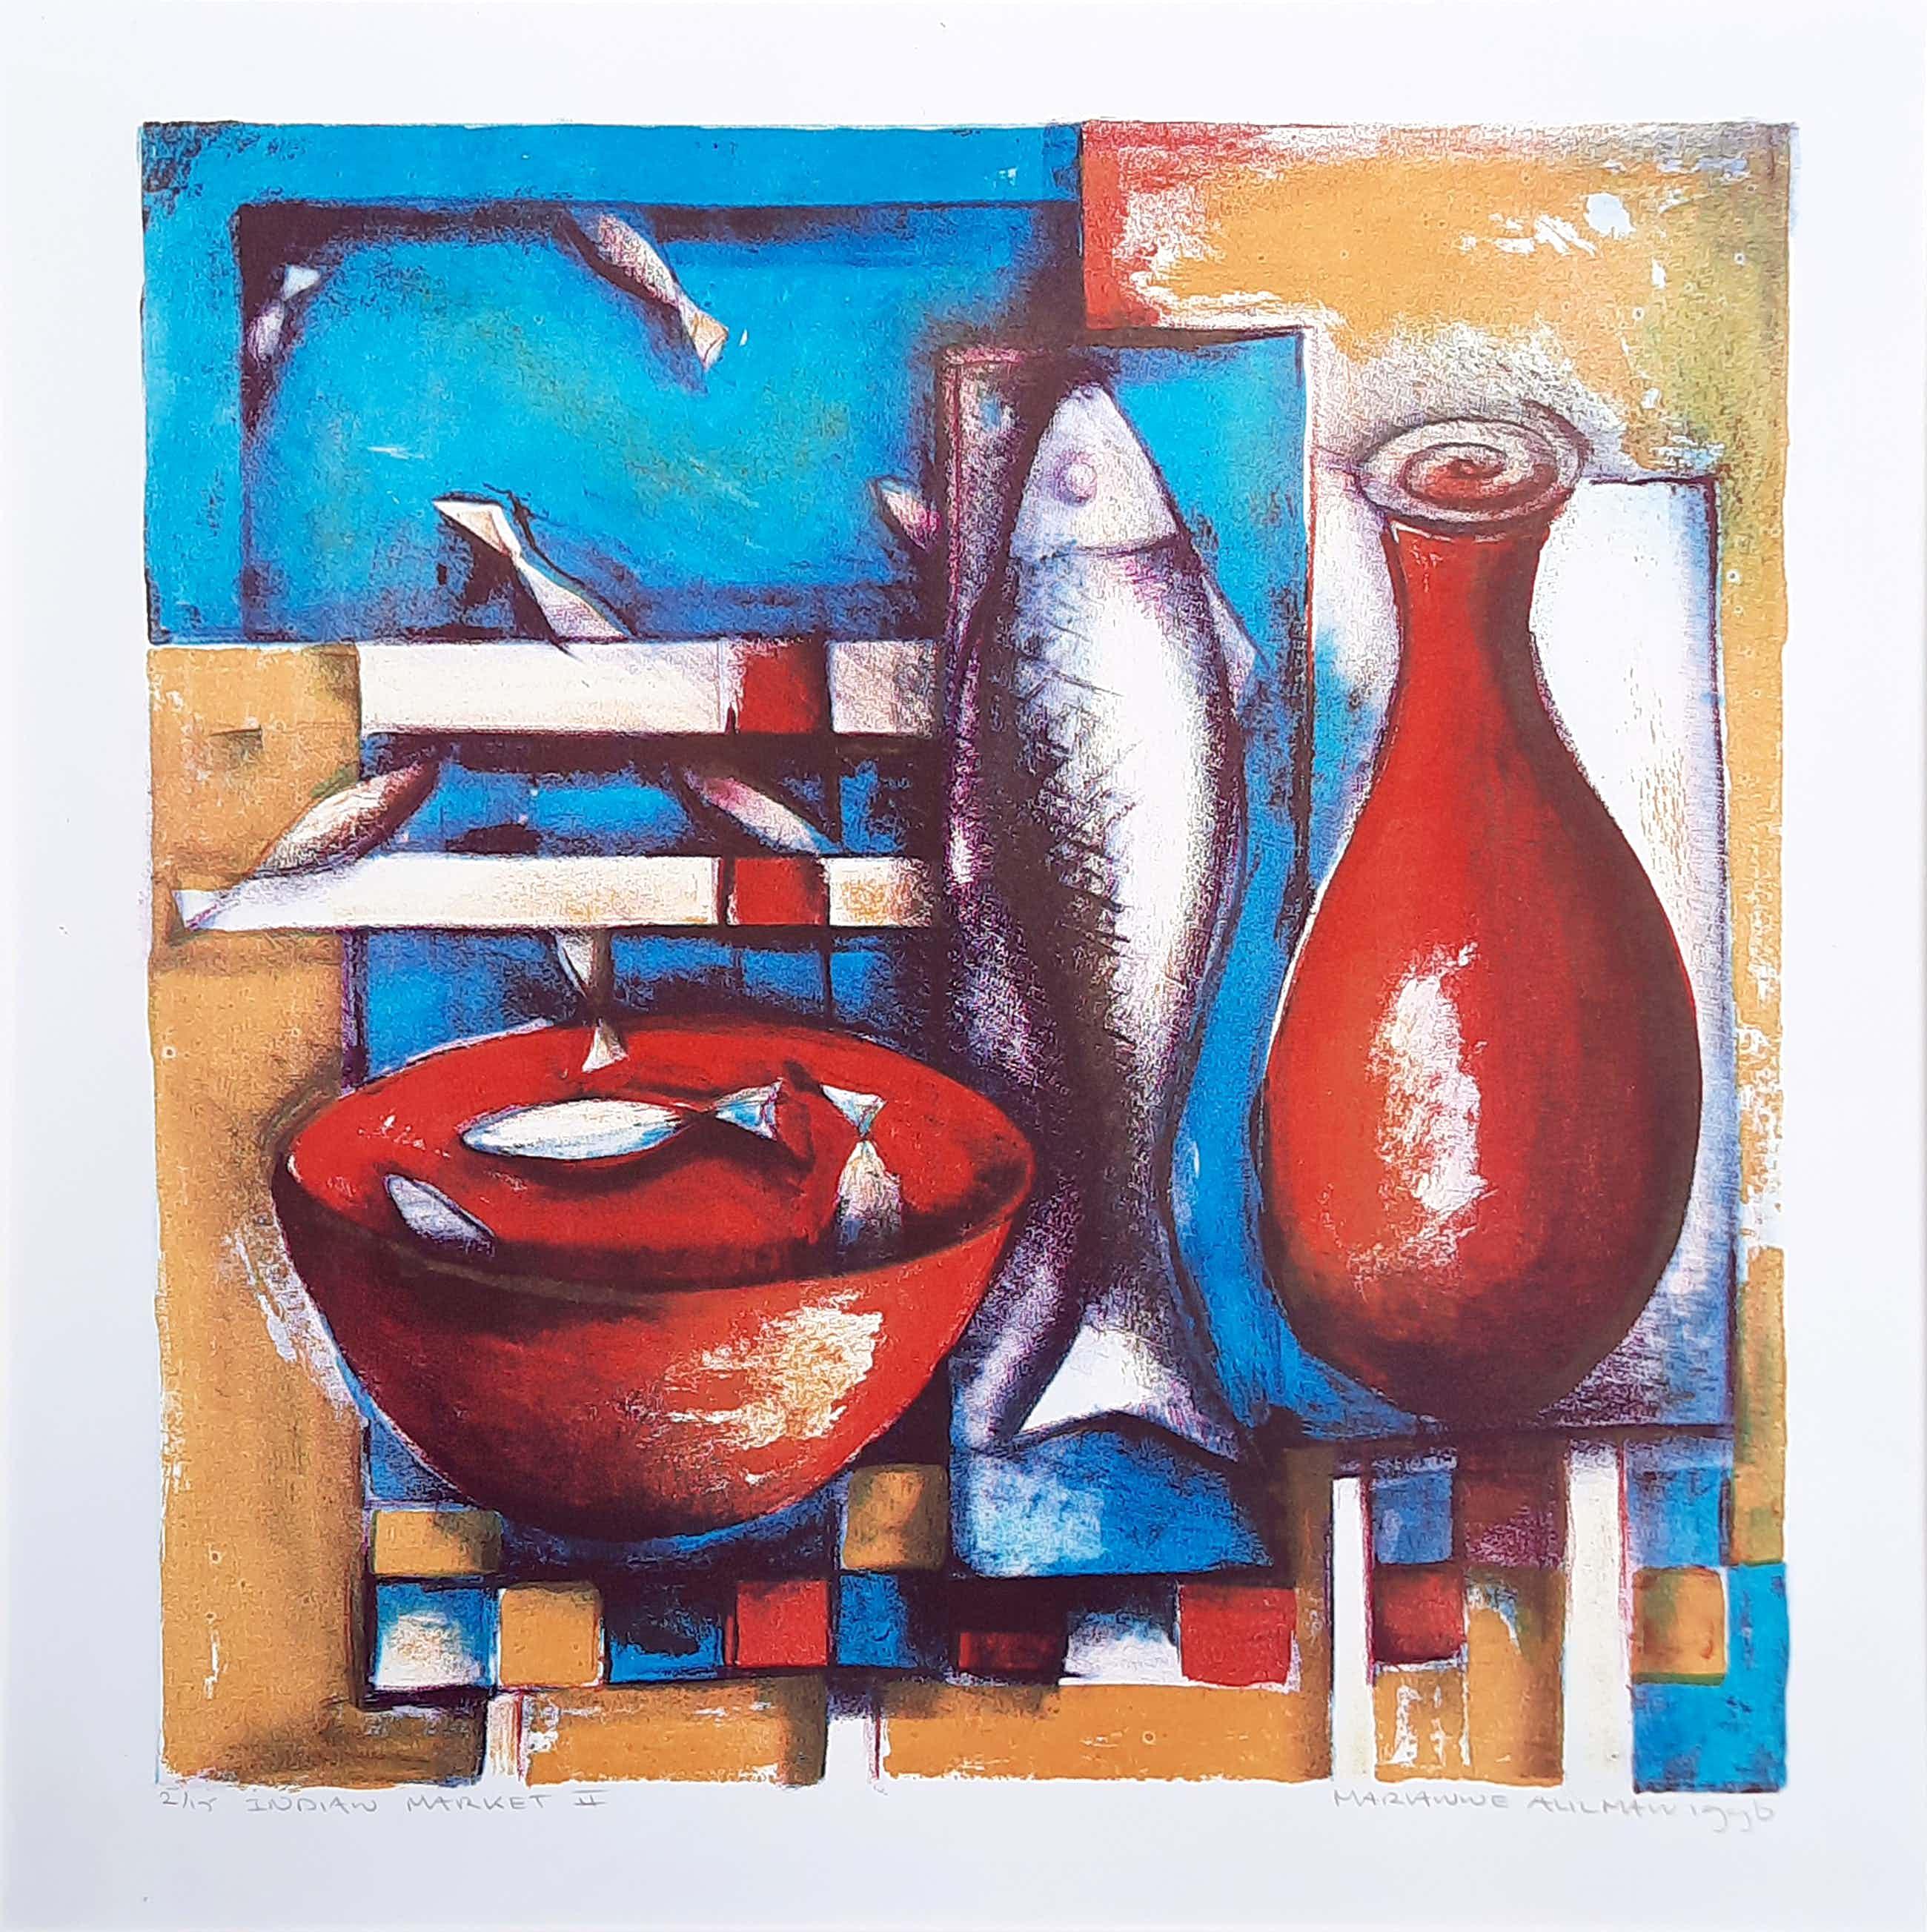 Marianne Aulman - steendruk - Indian Market II 2/15 1996 - 21050 kopen? Bied vanaf 35!